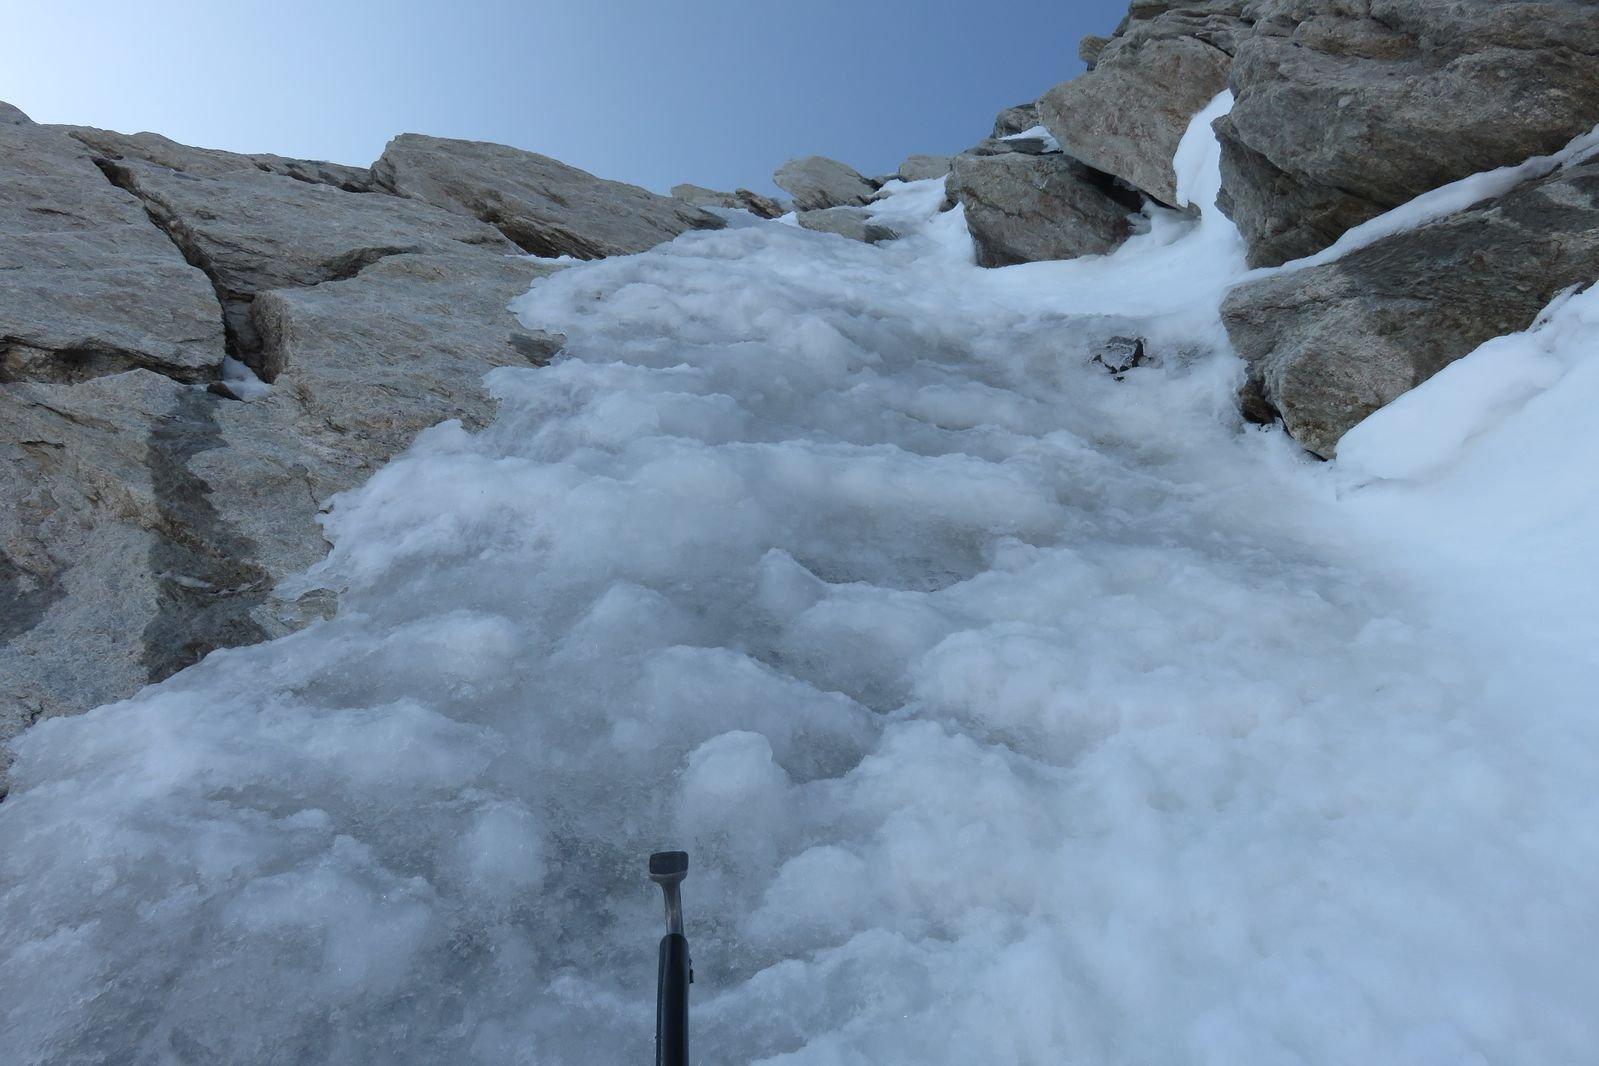 ghiaccio sulla strozzatura iniziale